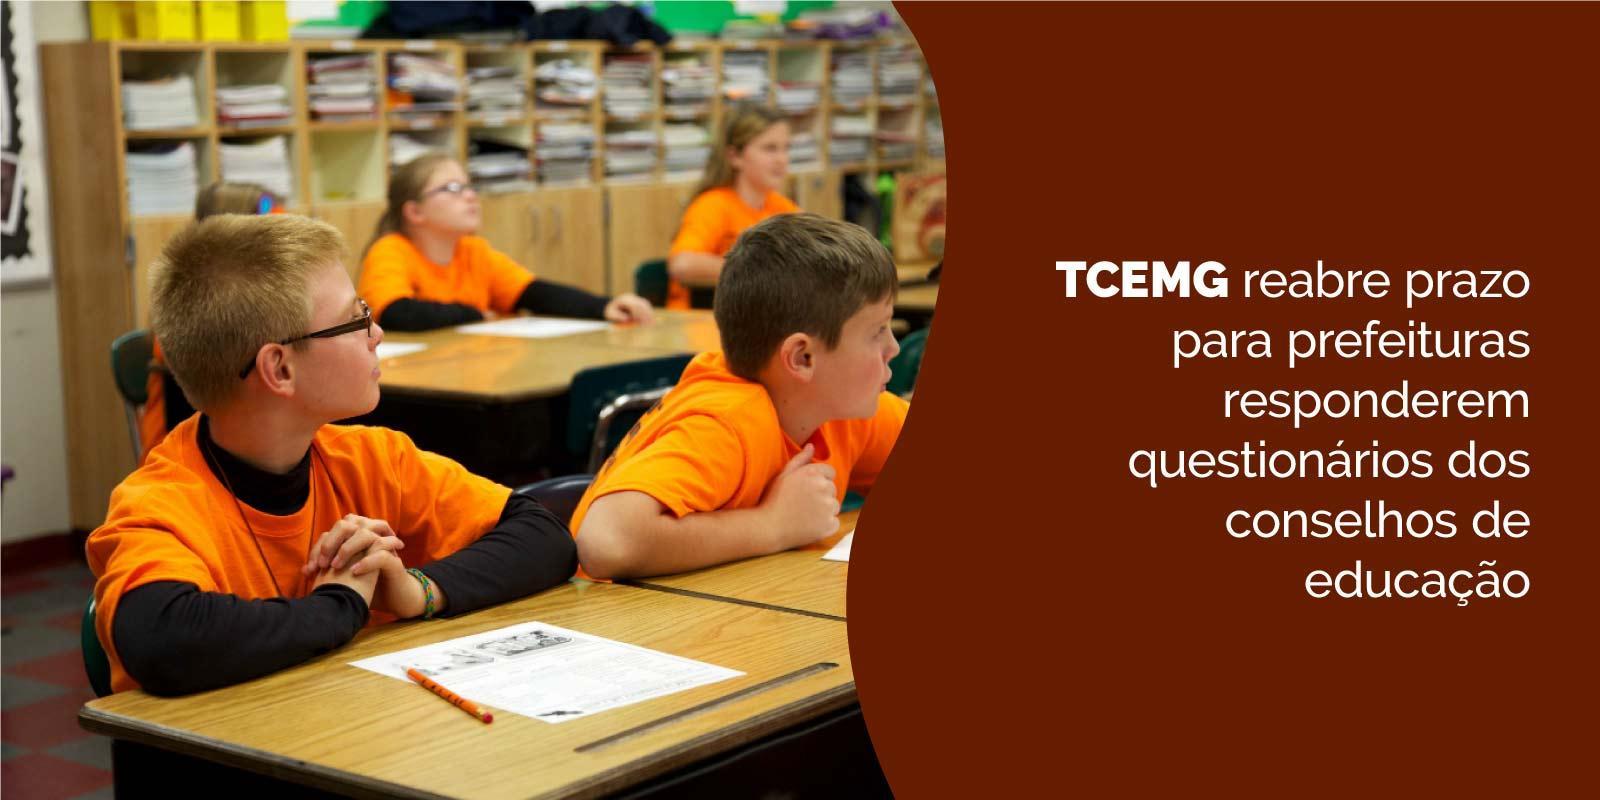 TCEMG reabre prazo para prefeituras responderem questionários dos conselhos de educação